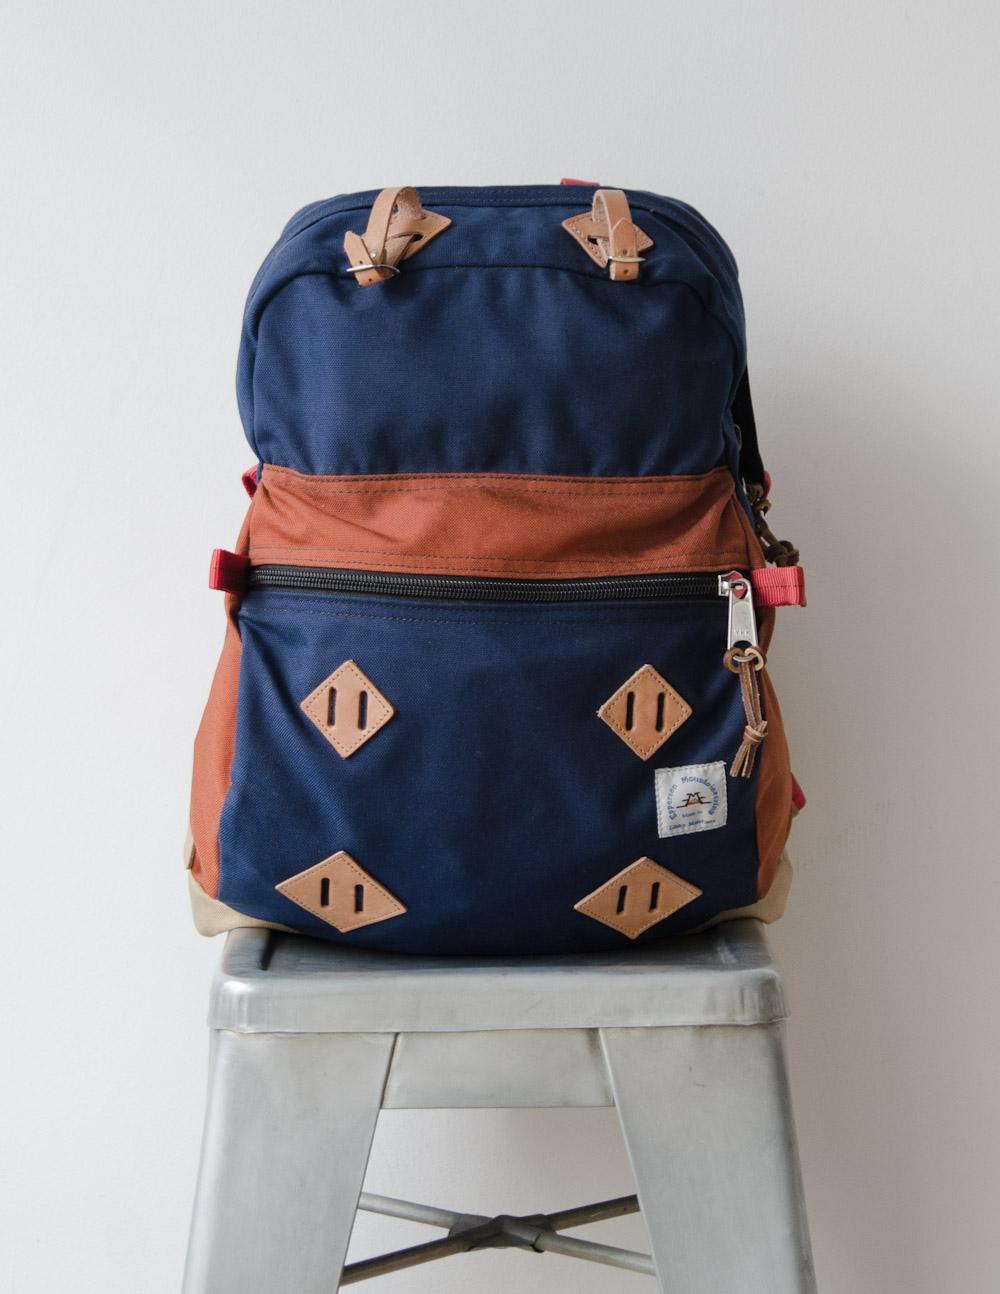 premium-picks-backpacks-5.jpg